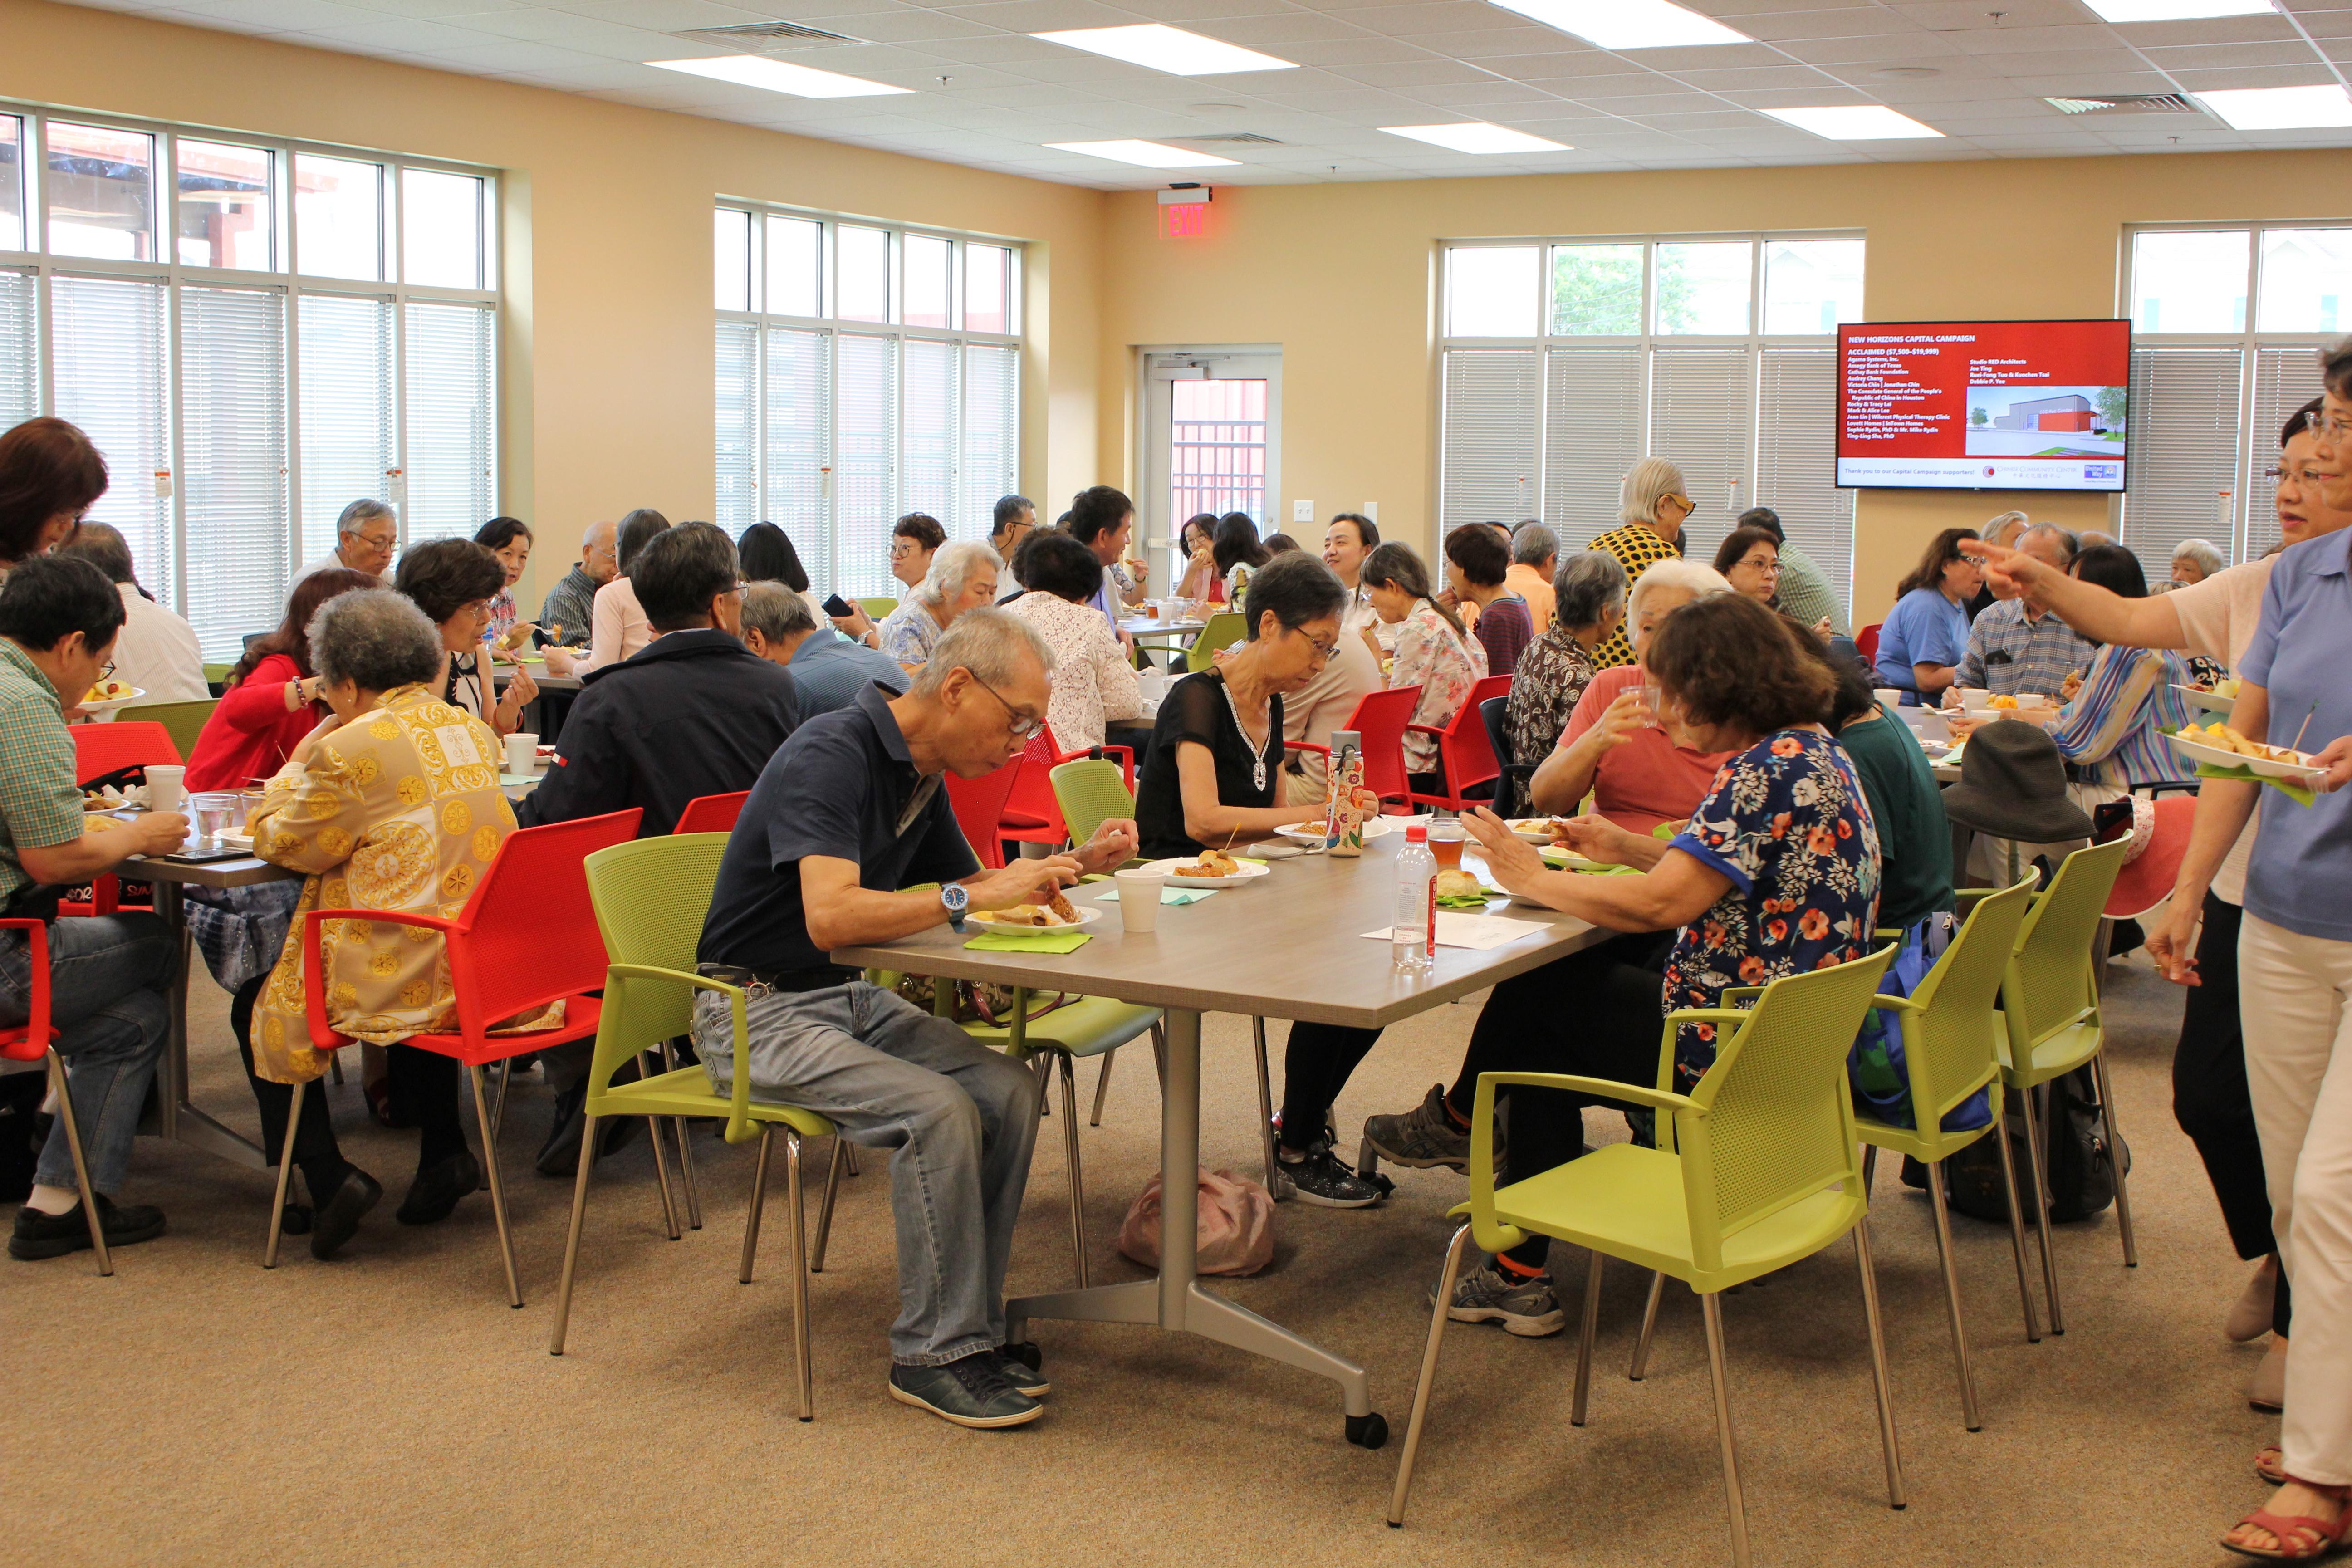 長者活動中心的餐廳採光明亮空間寬敞,特聘名師掌廚,食物美味而且營養。